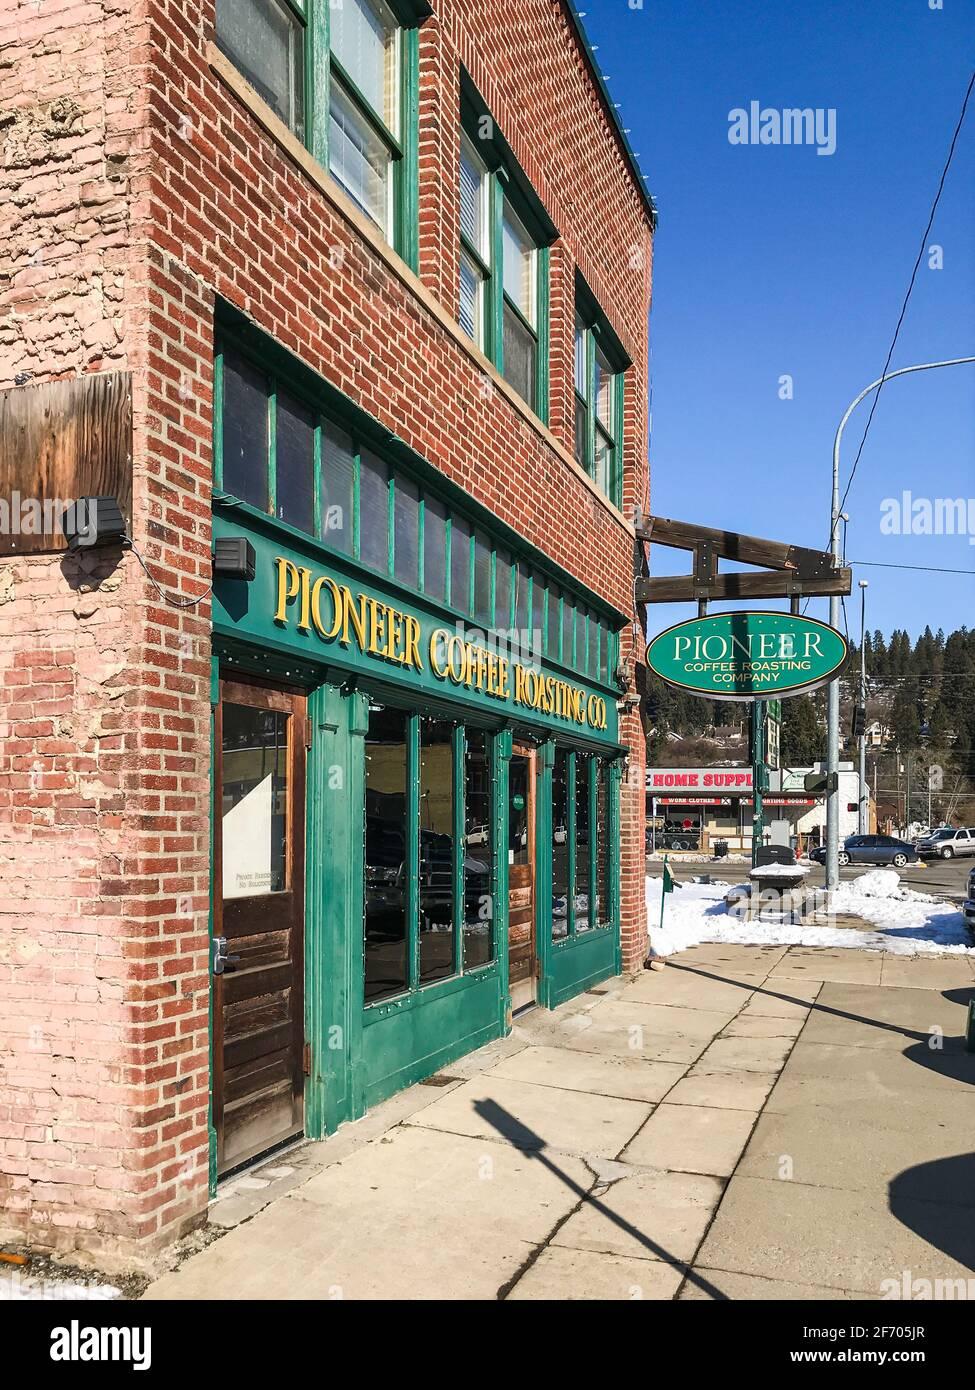 La Pioneer Coffee Roasting Company si trova a Cle Elum, nella contea di Kittitas, Washington, in una fredda mattinata invernale che offre ai viaggiatori una sosta di riposo Foto Stock